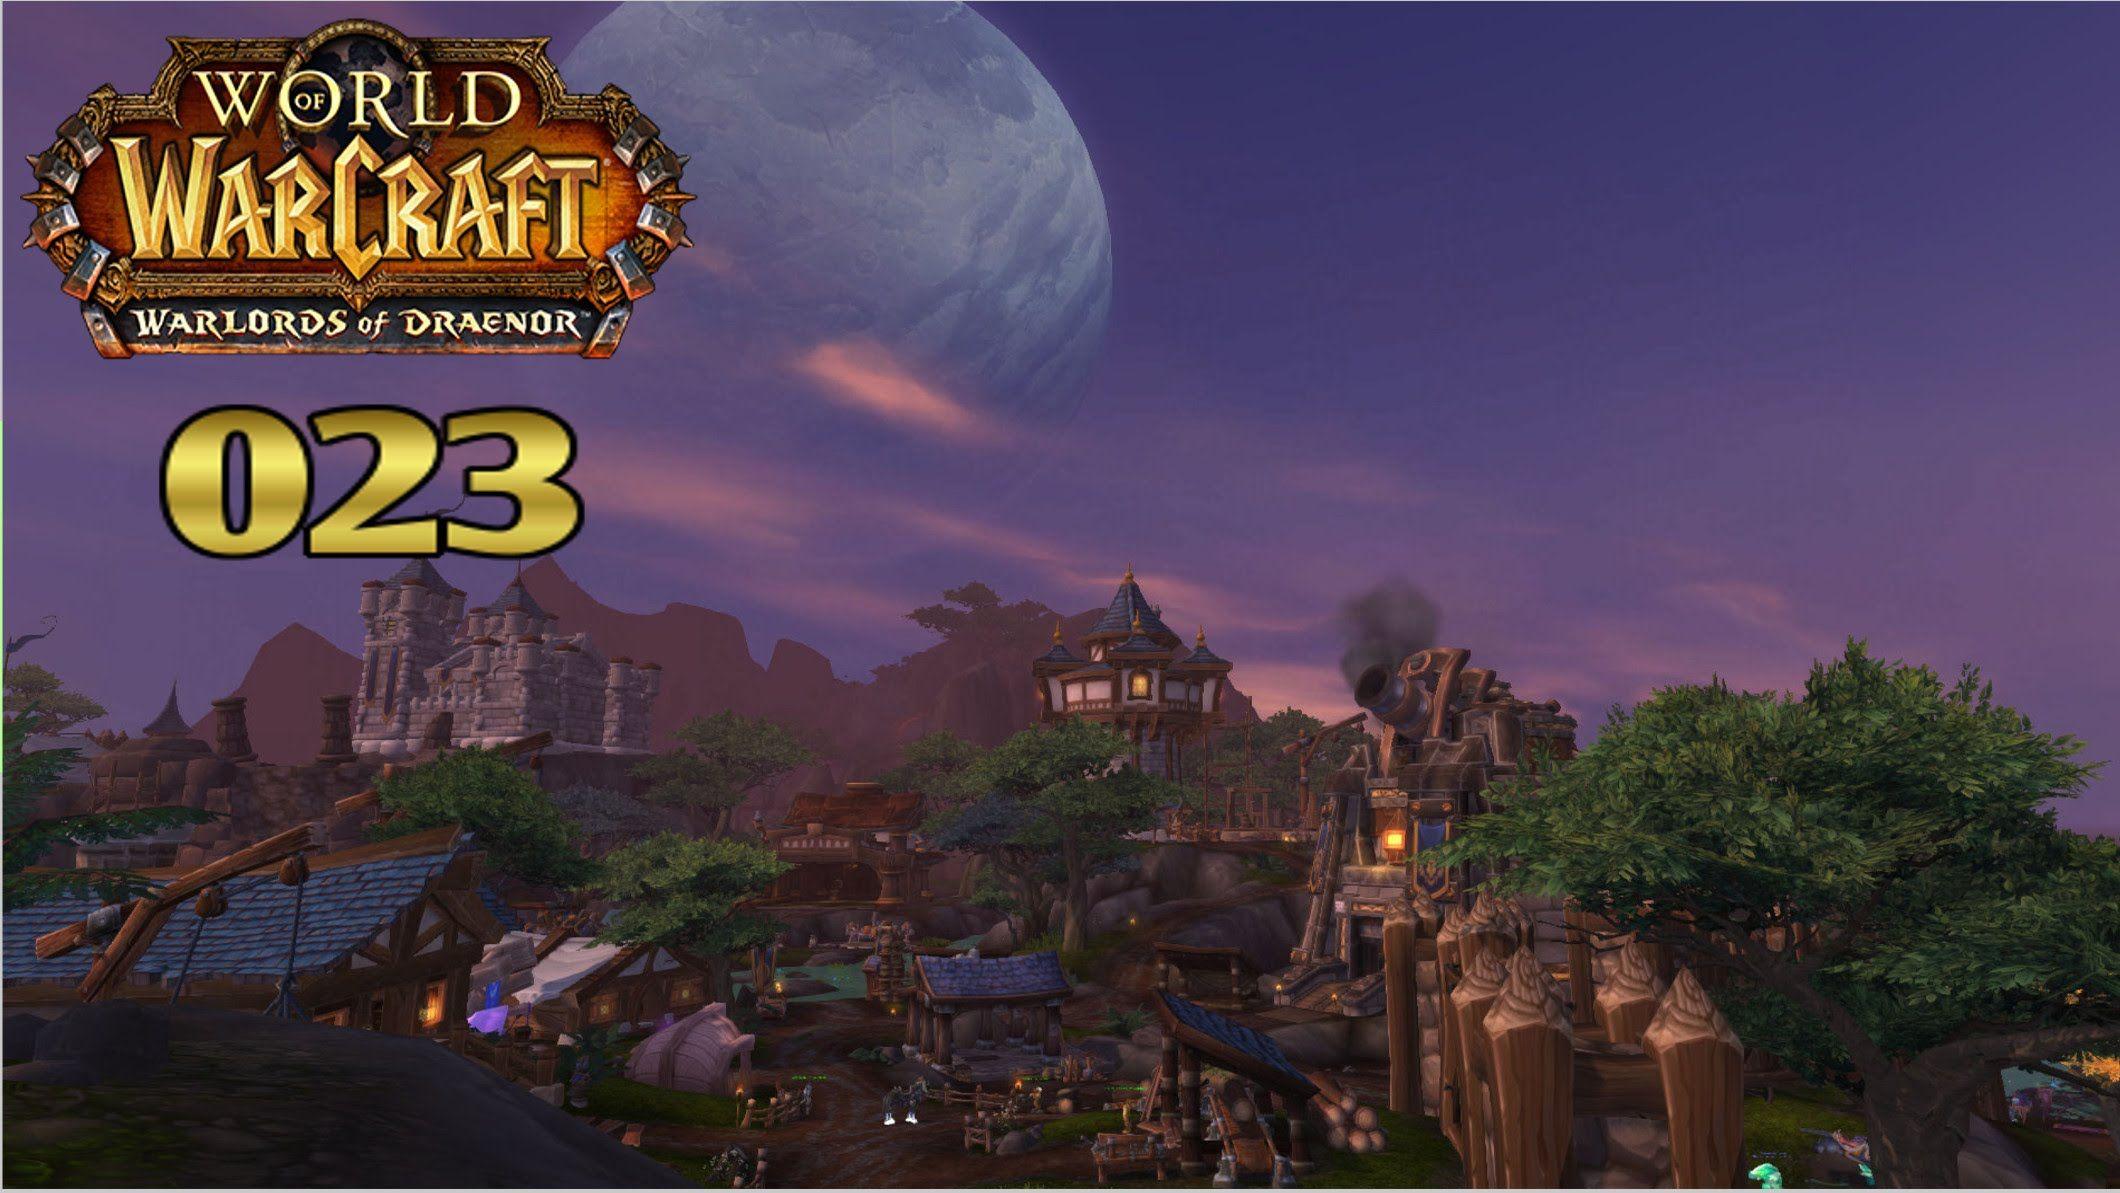 awesome Let's Play Warlords of Draenor #23 - WoW - Garnison Stufe 3, Spitzen von Arak & Archäologie - WOD